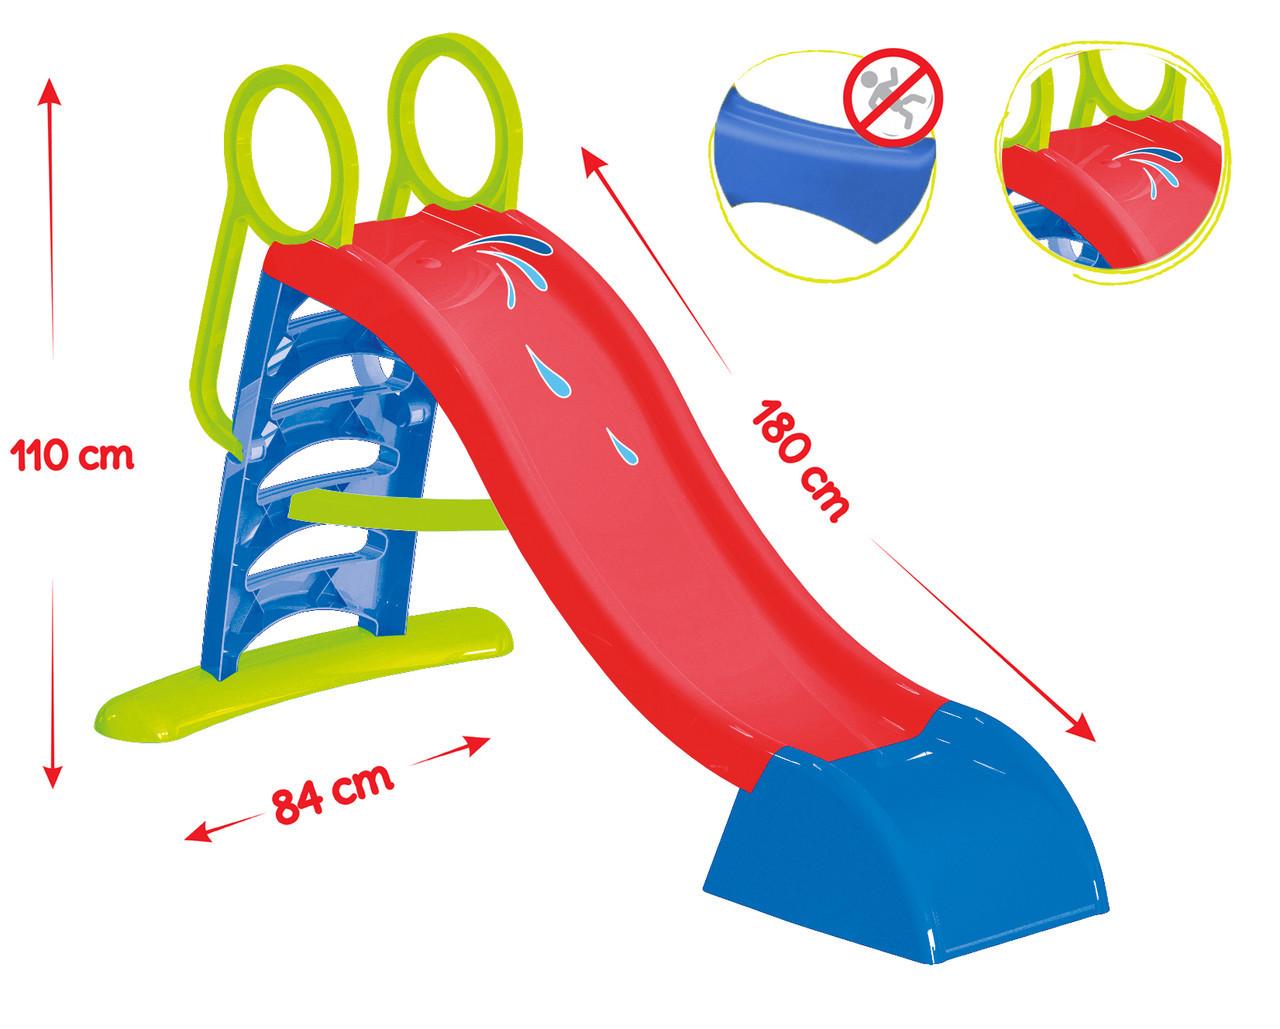 Детская горка пластиковая 180 см Mochtoys (красная)